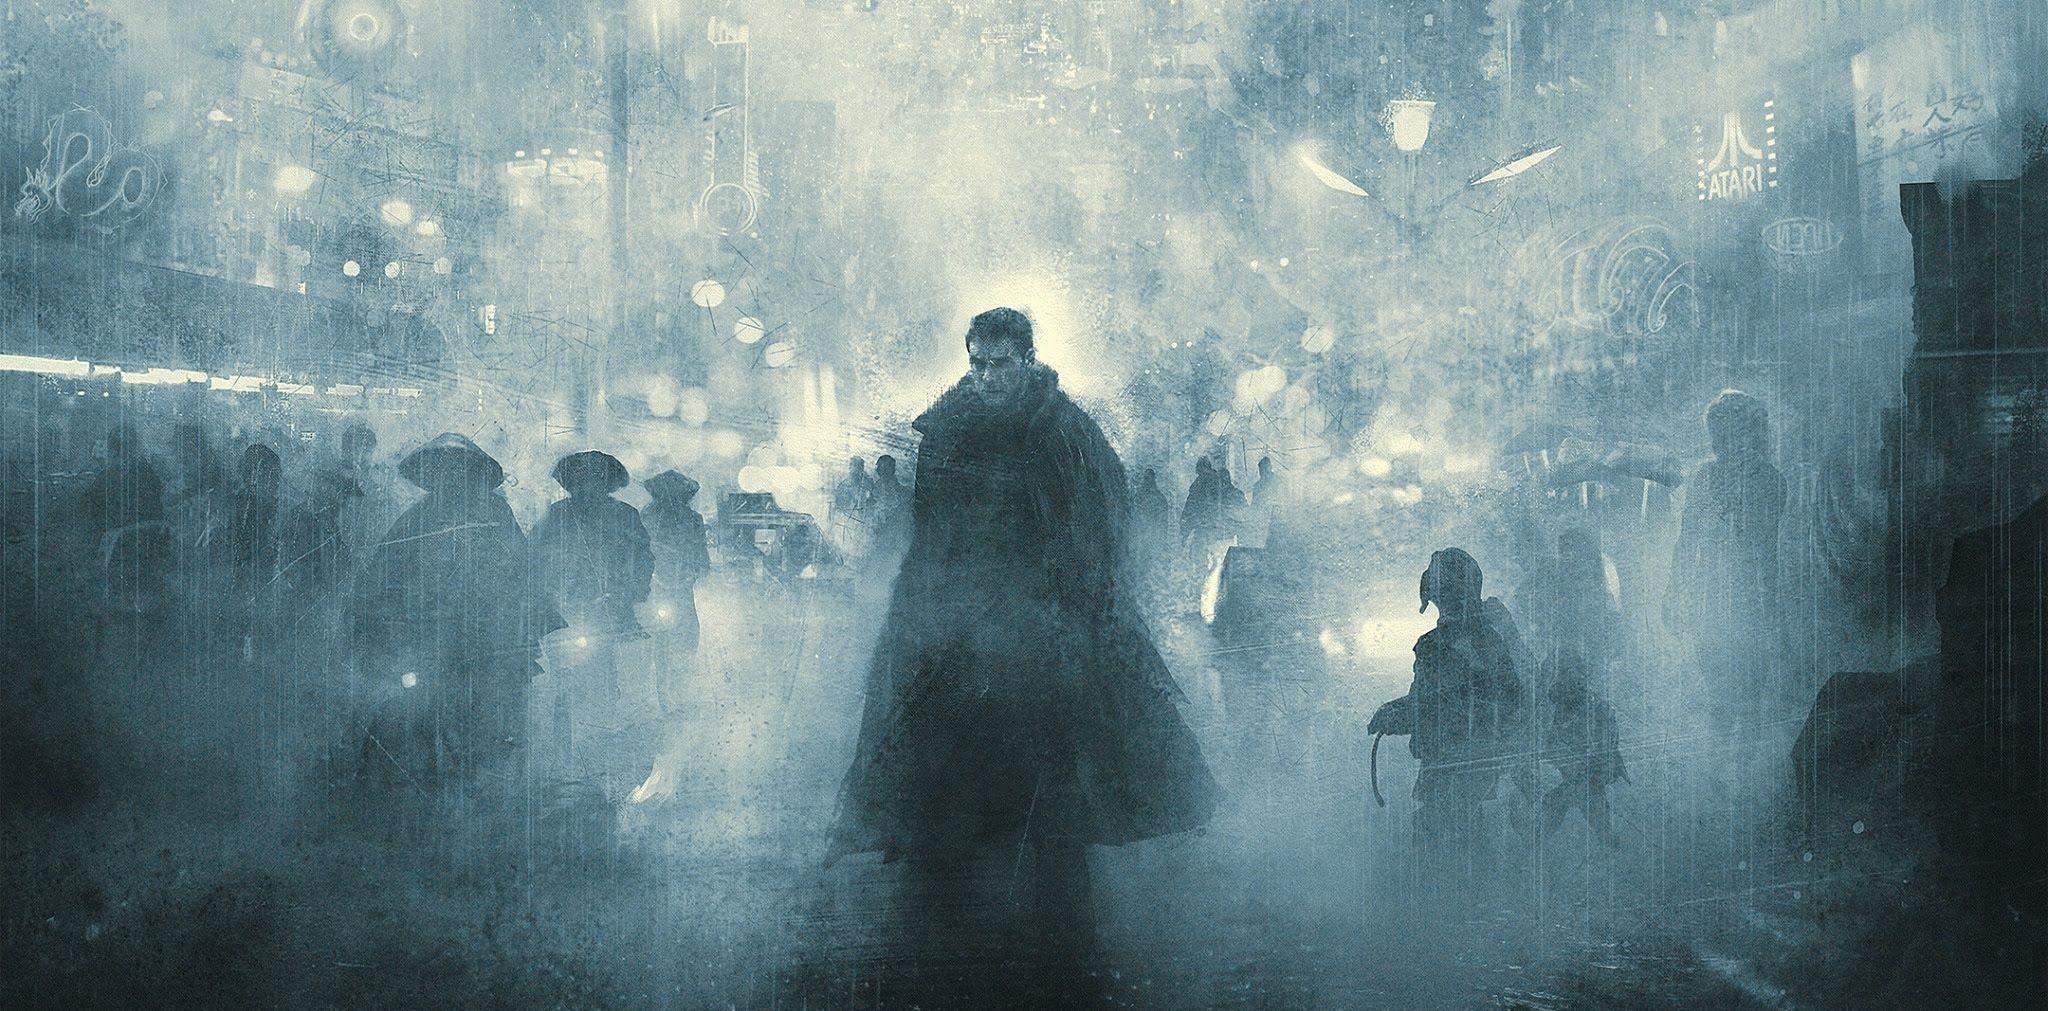 1 / 1 – blade runner poster de karl fitzgerald filme de ridley scott